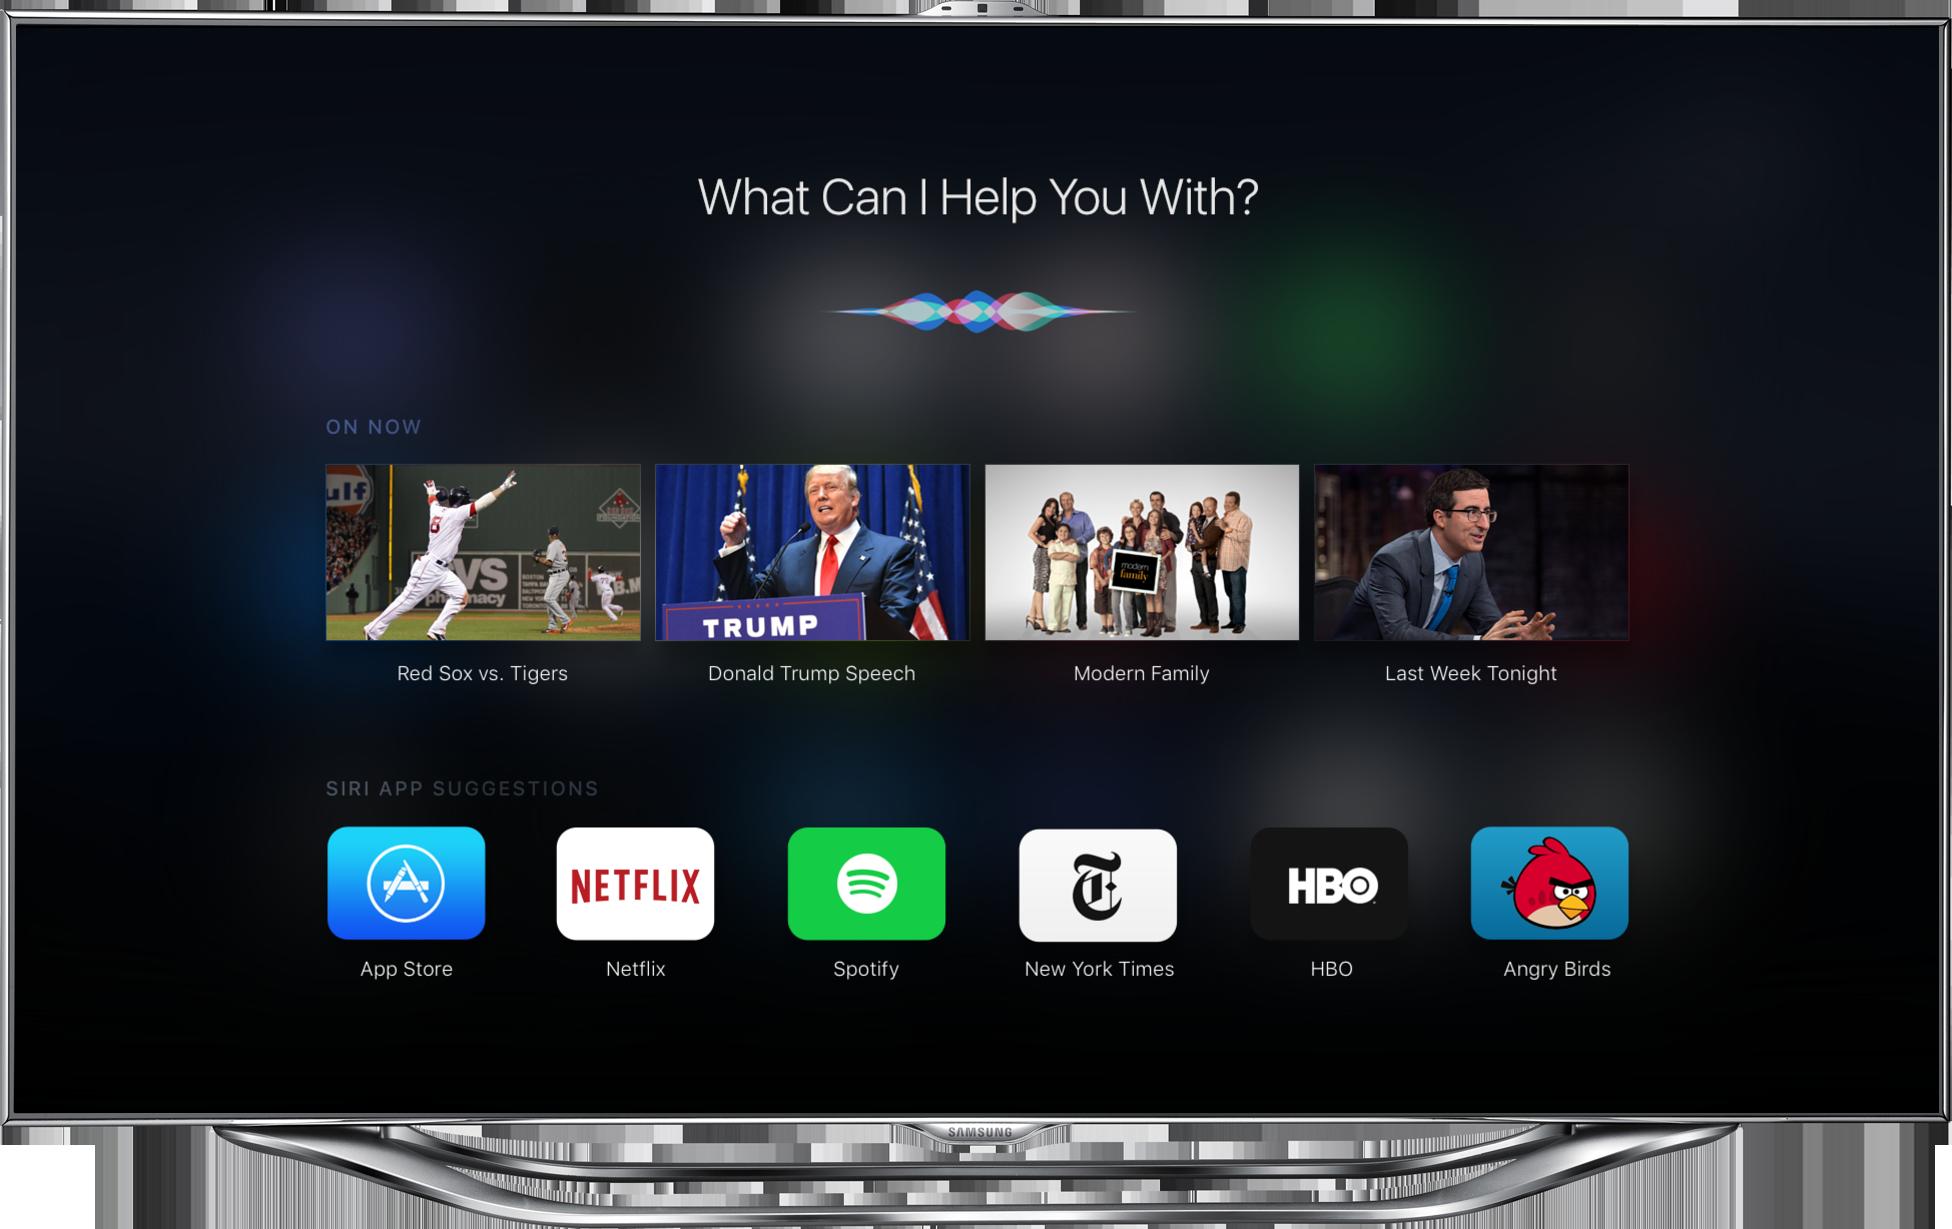 TV-SiriProactive_samsung_es8000_front